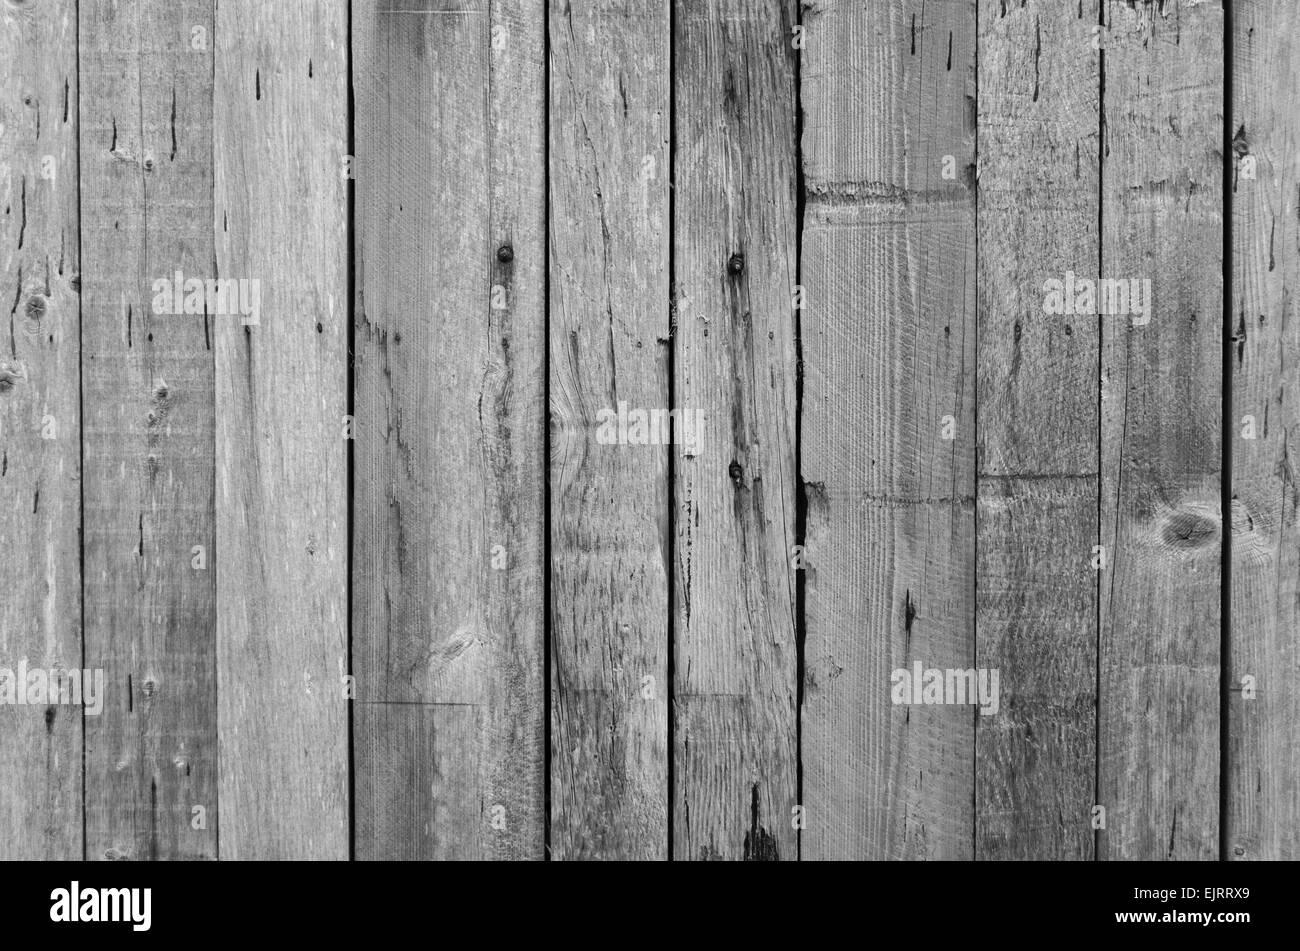 Landscape format greyed, weathering old wooden planks - Stock Image